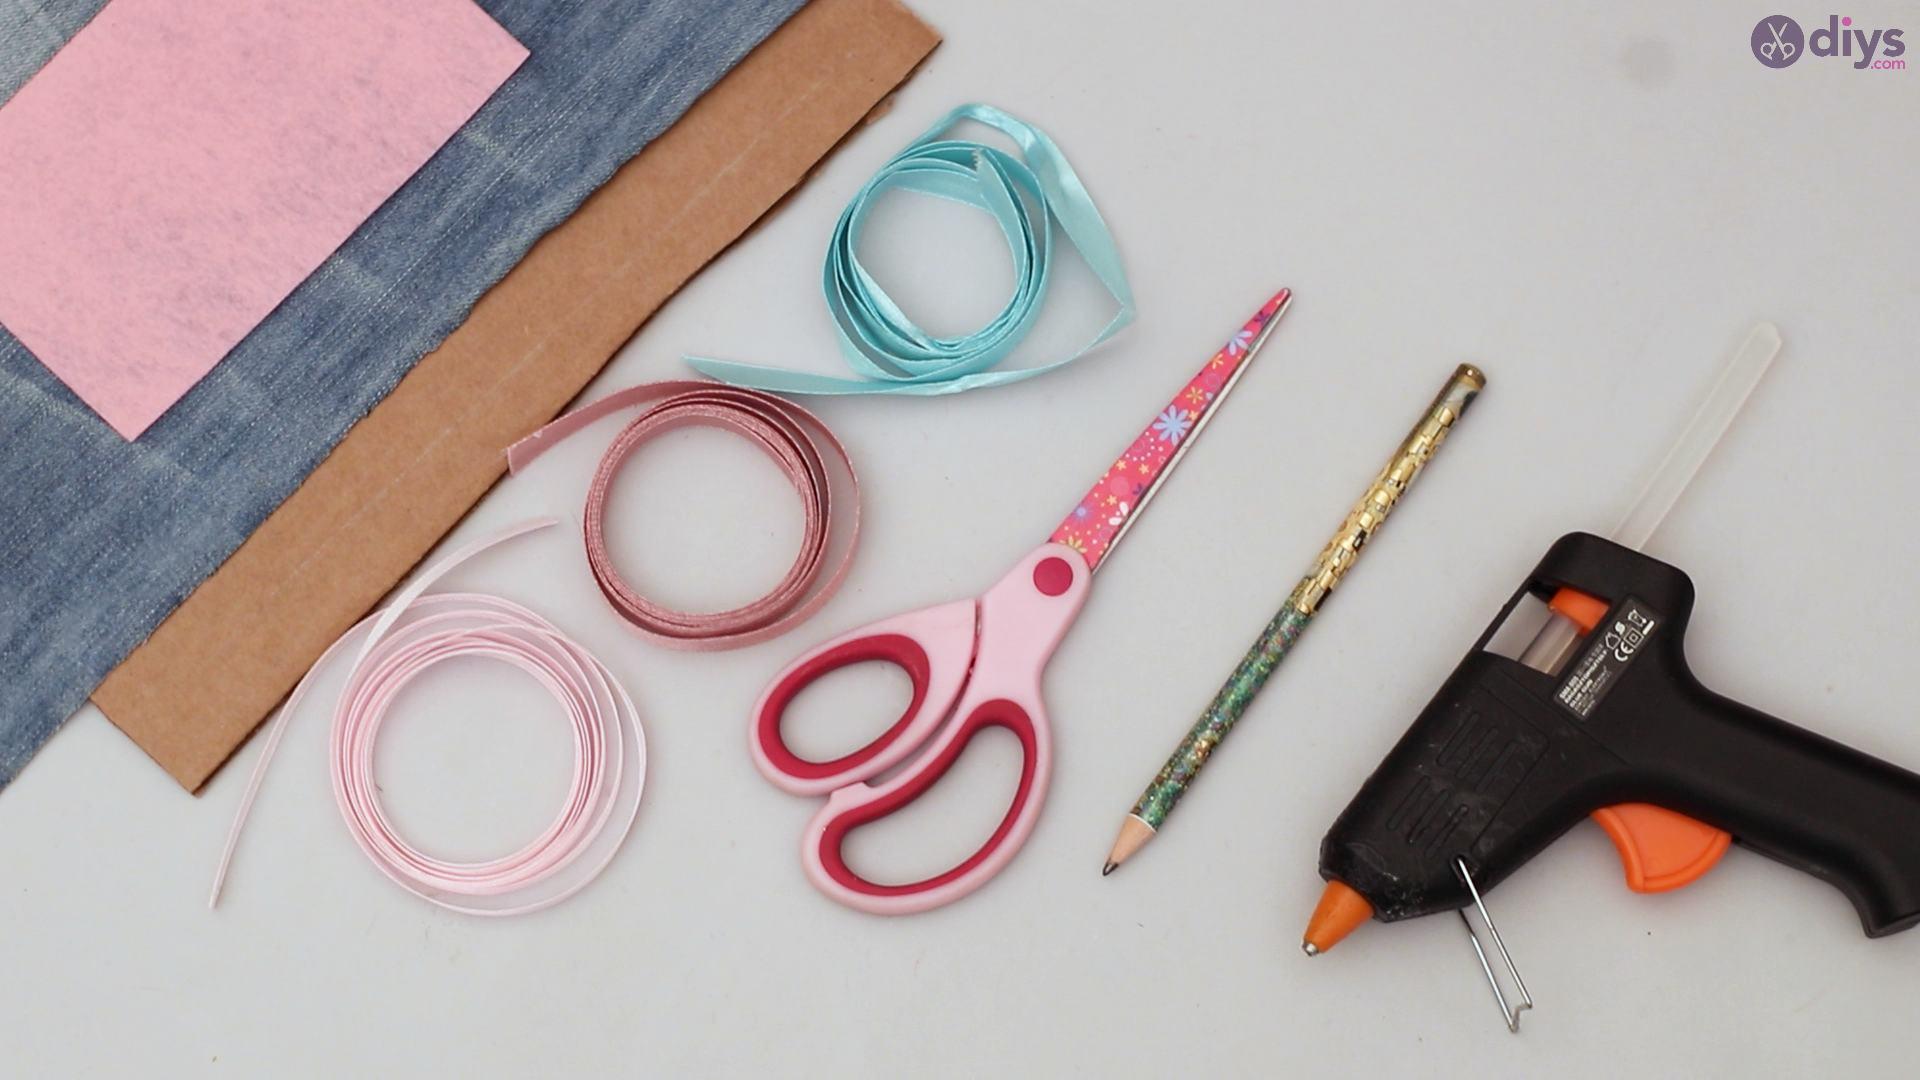 Cat face hair clip holder materials